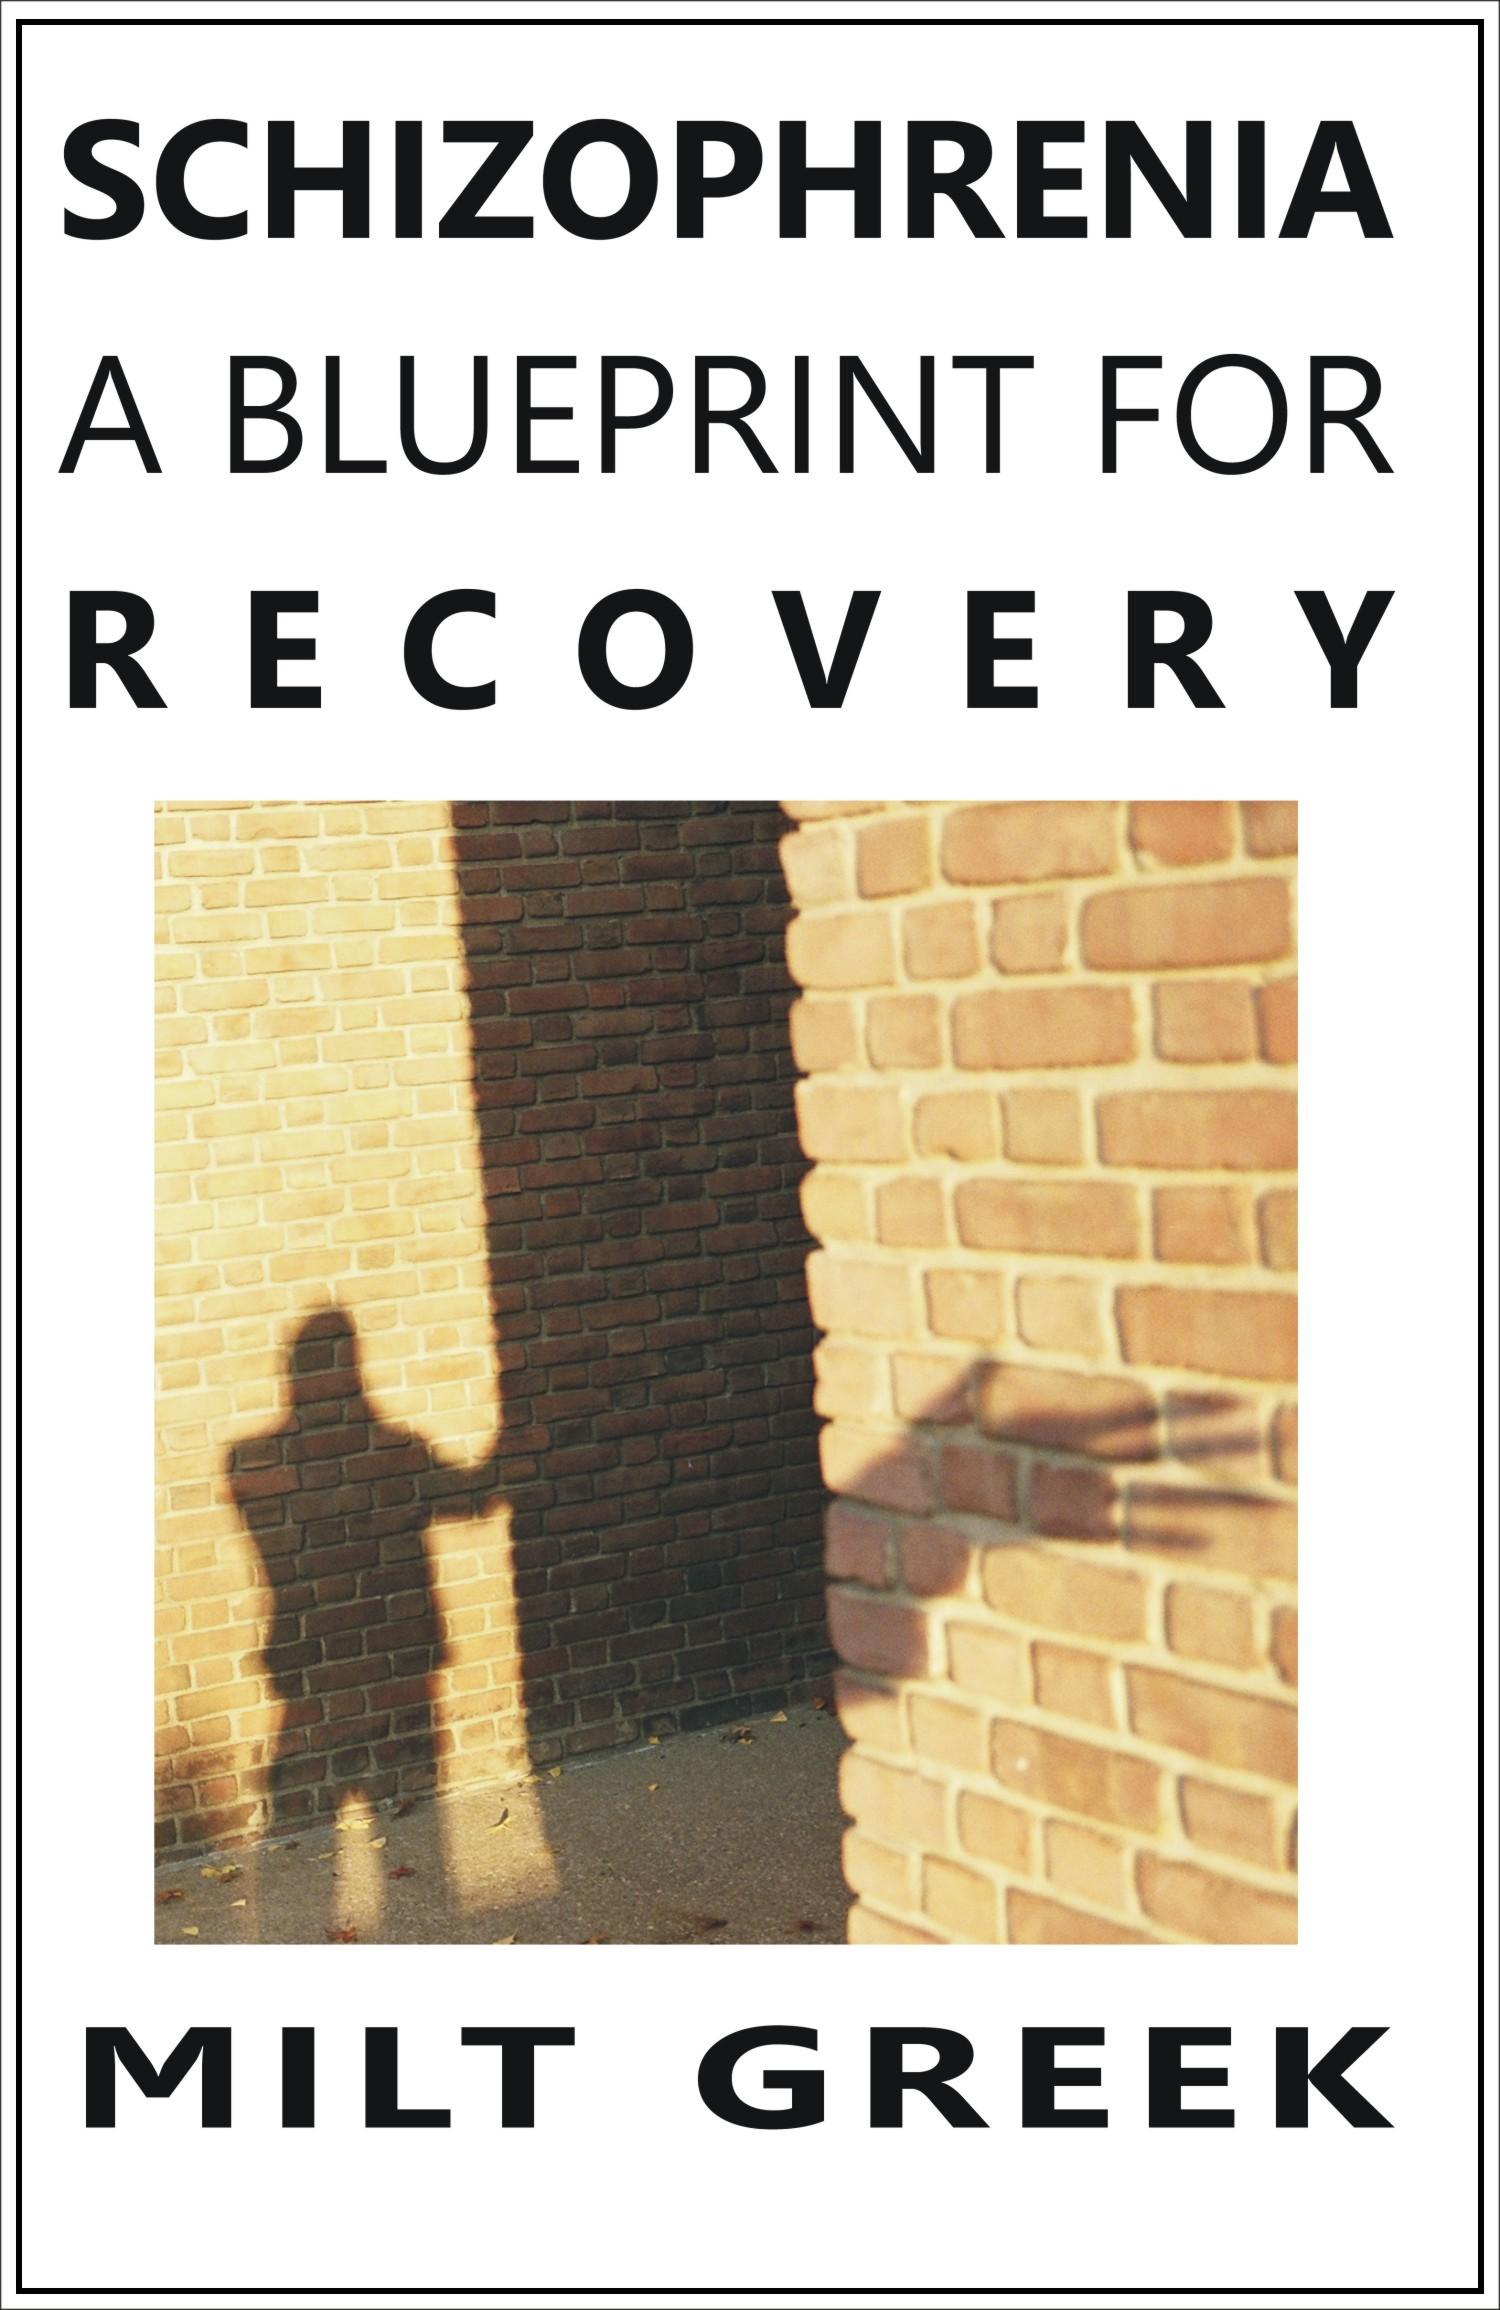 Schizophrenia: A Blueprint for Recovery, an Ebook by Milt Greek